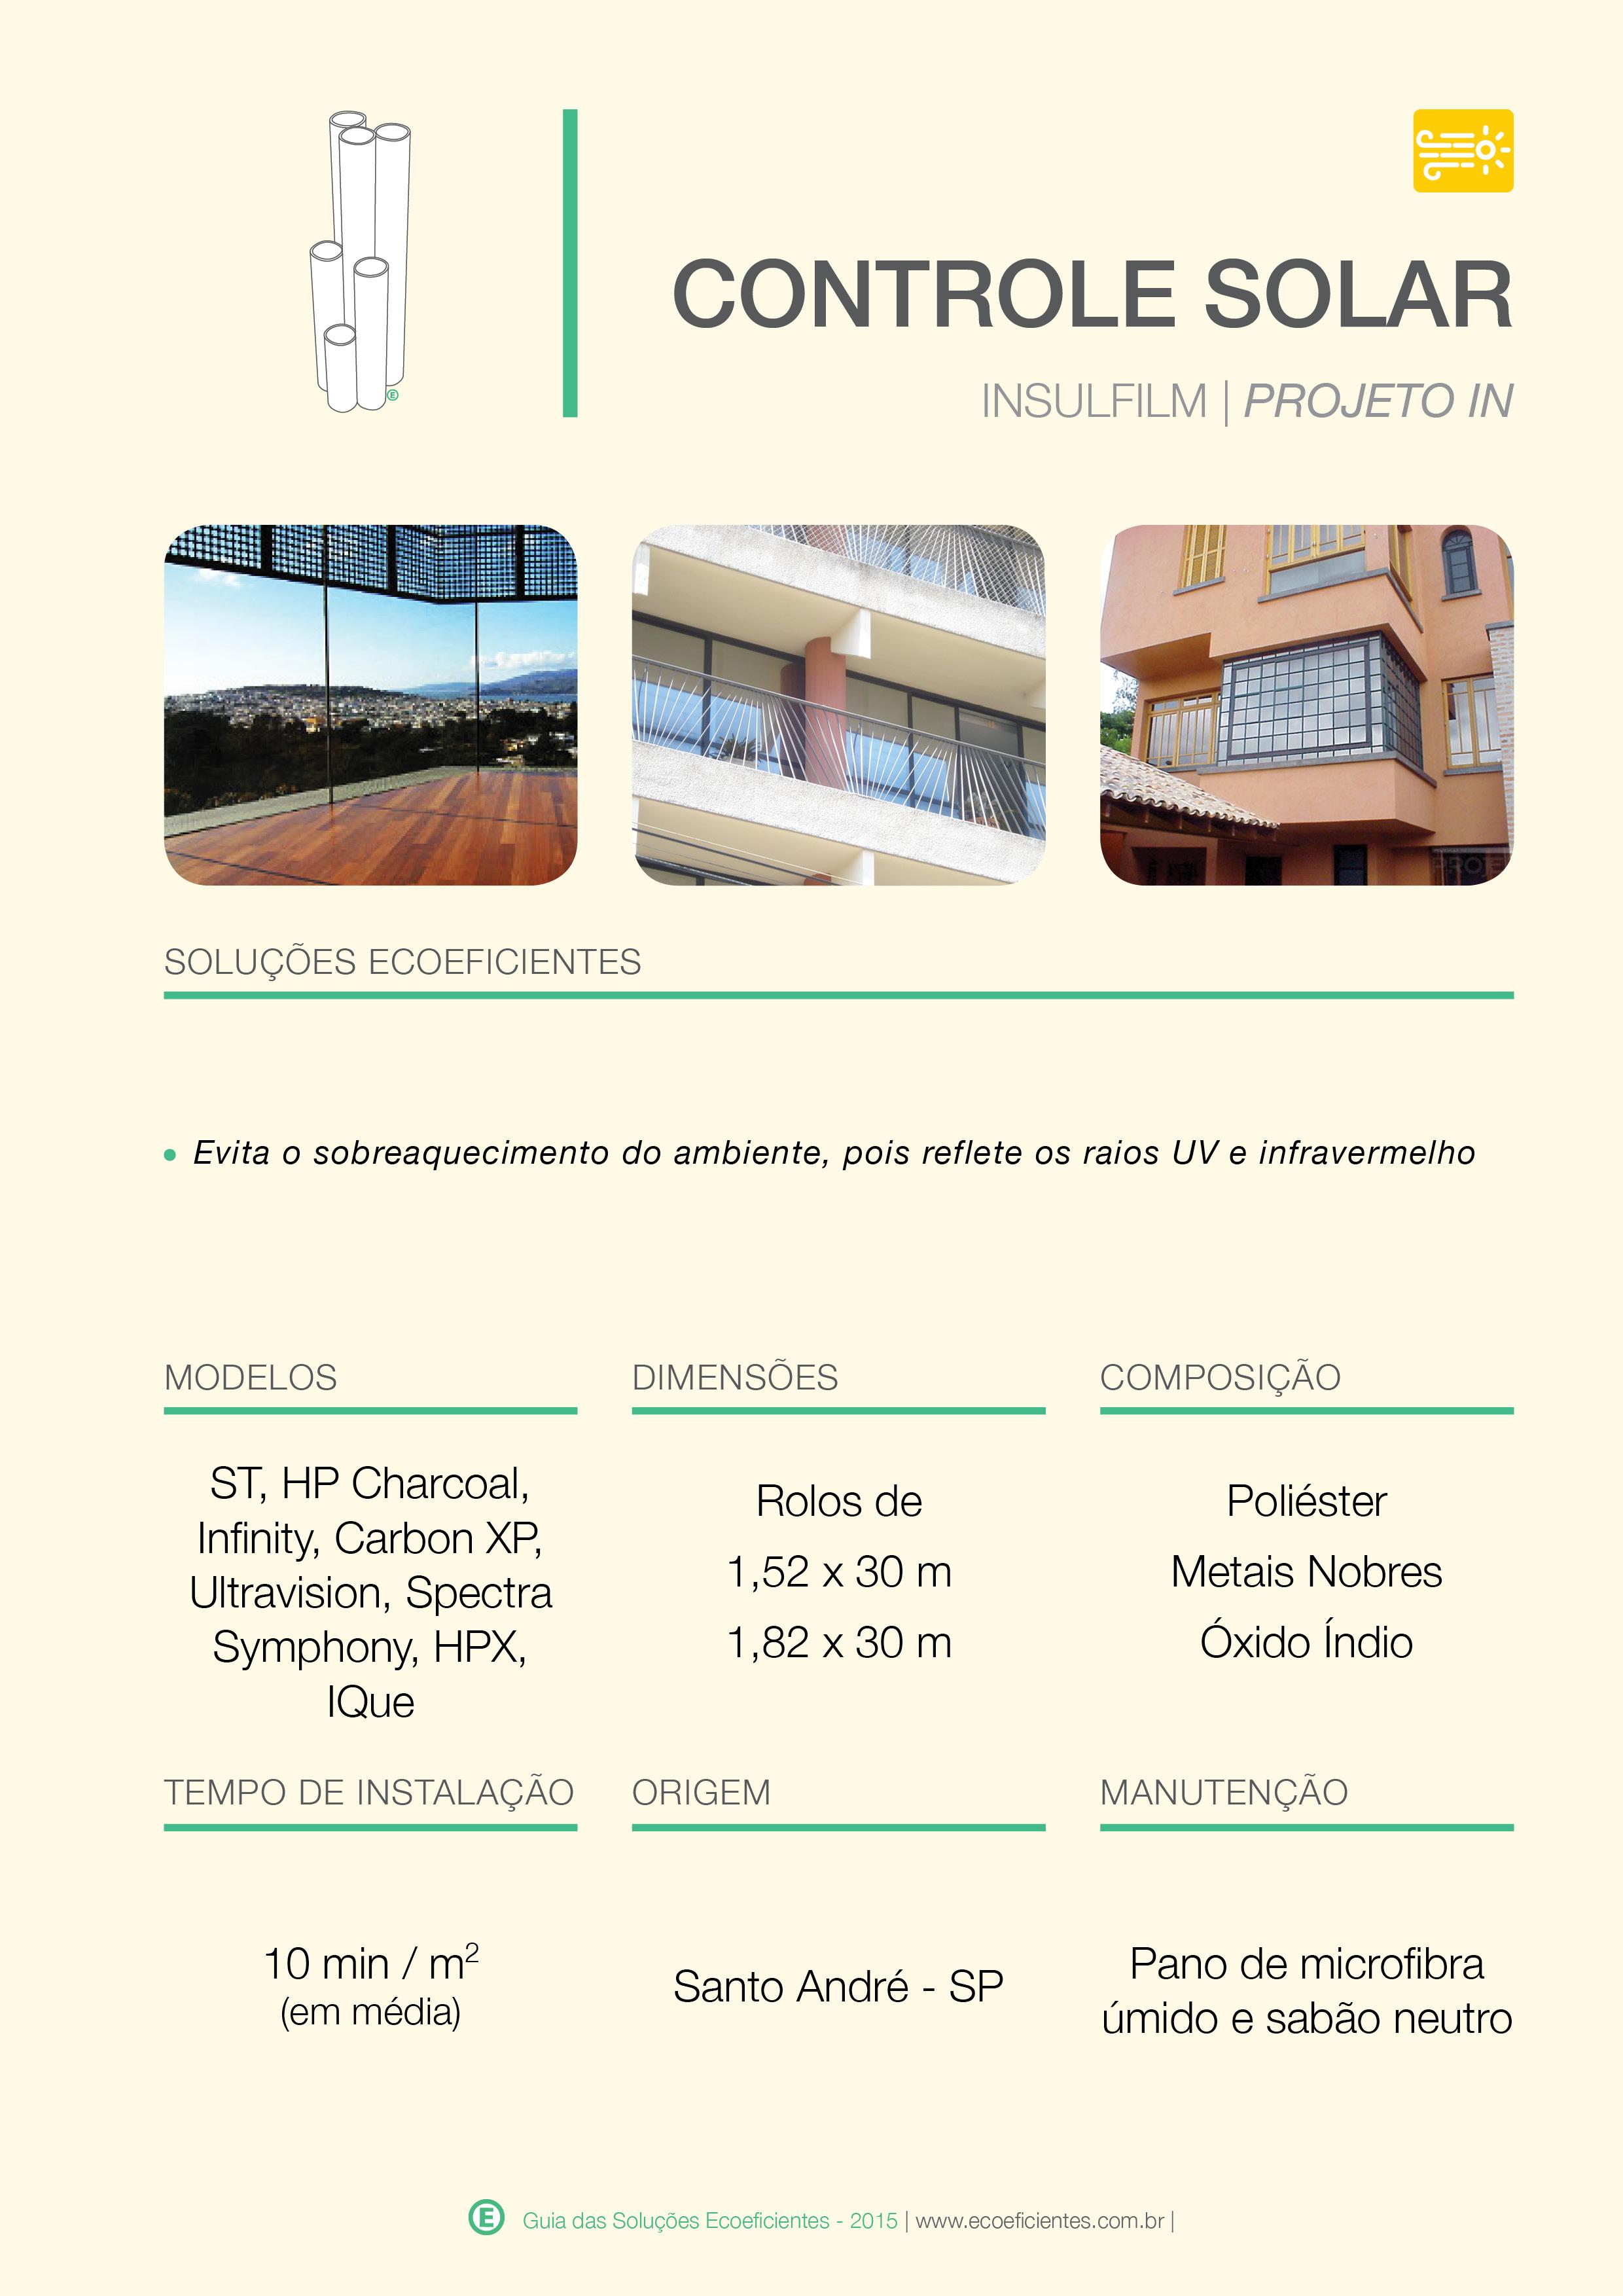 33-controle-solar-insulfim-projeto-in